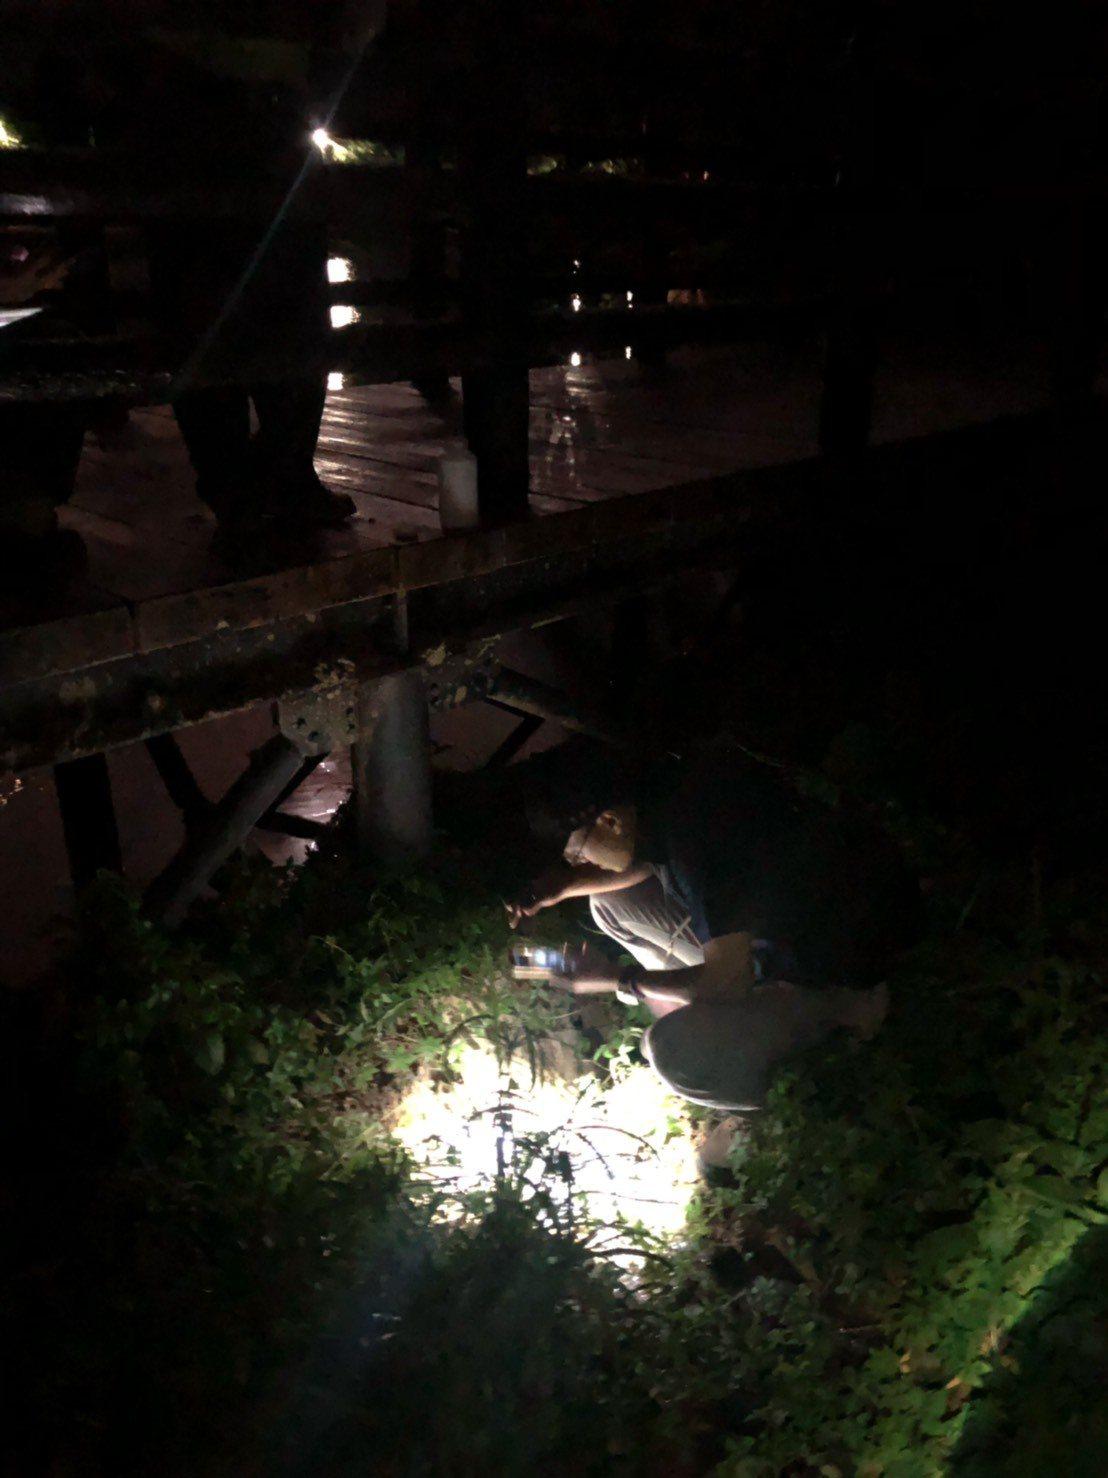 民眾日前發現金龍湖遭到汙染,經議員白珮茹通報環保局後,稽查人員當天晚上連夜採樣。...